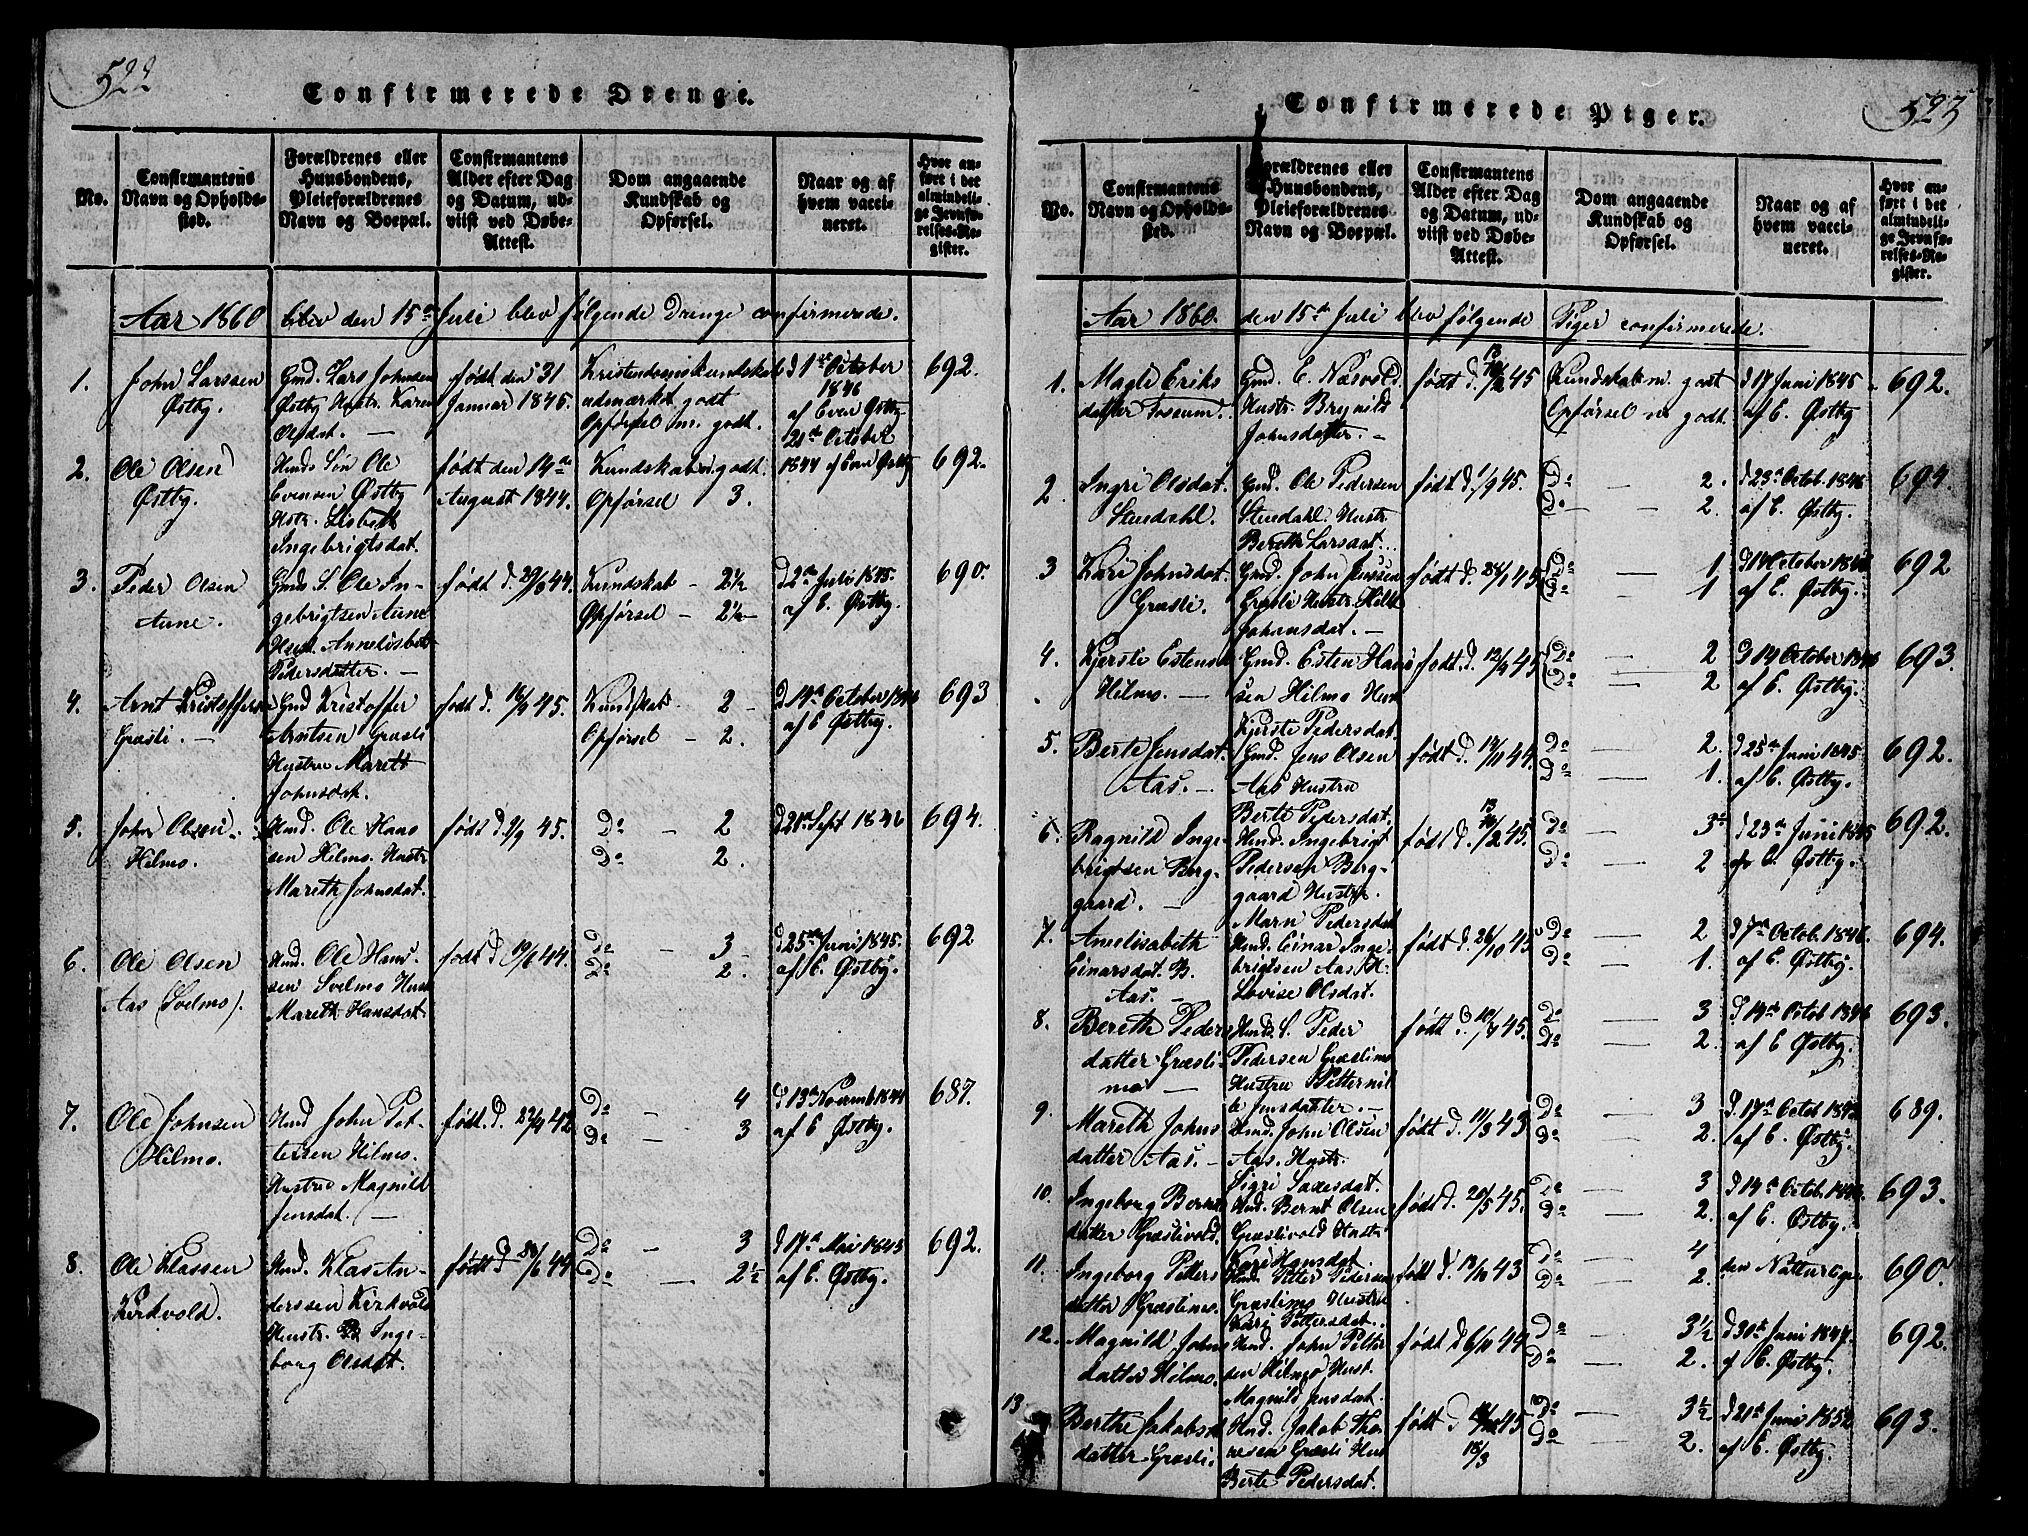 SAT, Ministerialprotokoller, klokkerbøker og fødselsregistre - Sør-Trøndelag, 698/L1164: Klokkerbok nr. 698C01, 1816-1861, s. 522-523